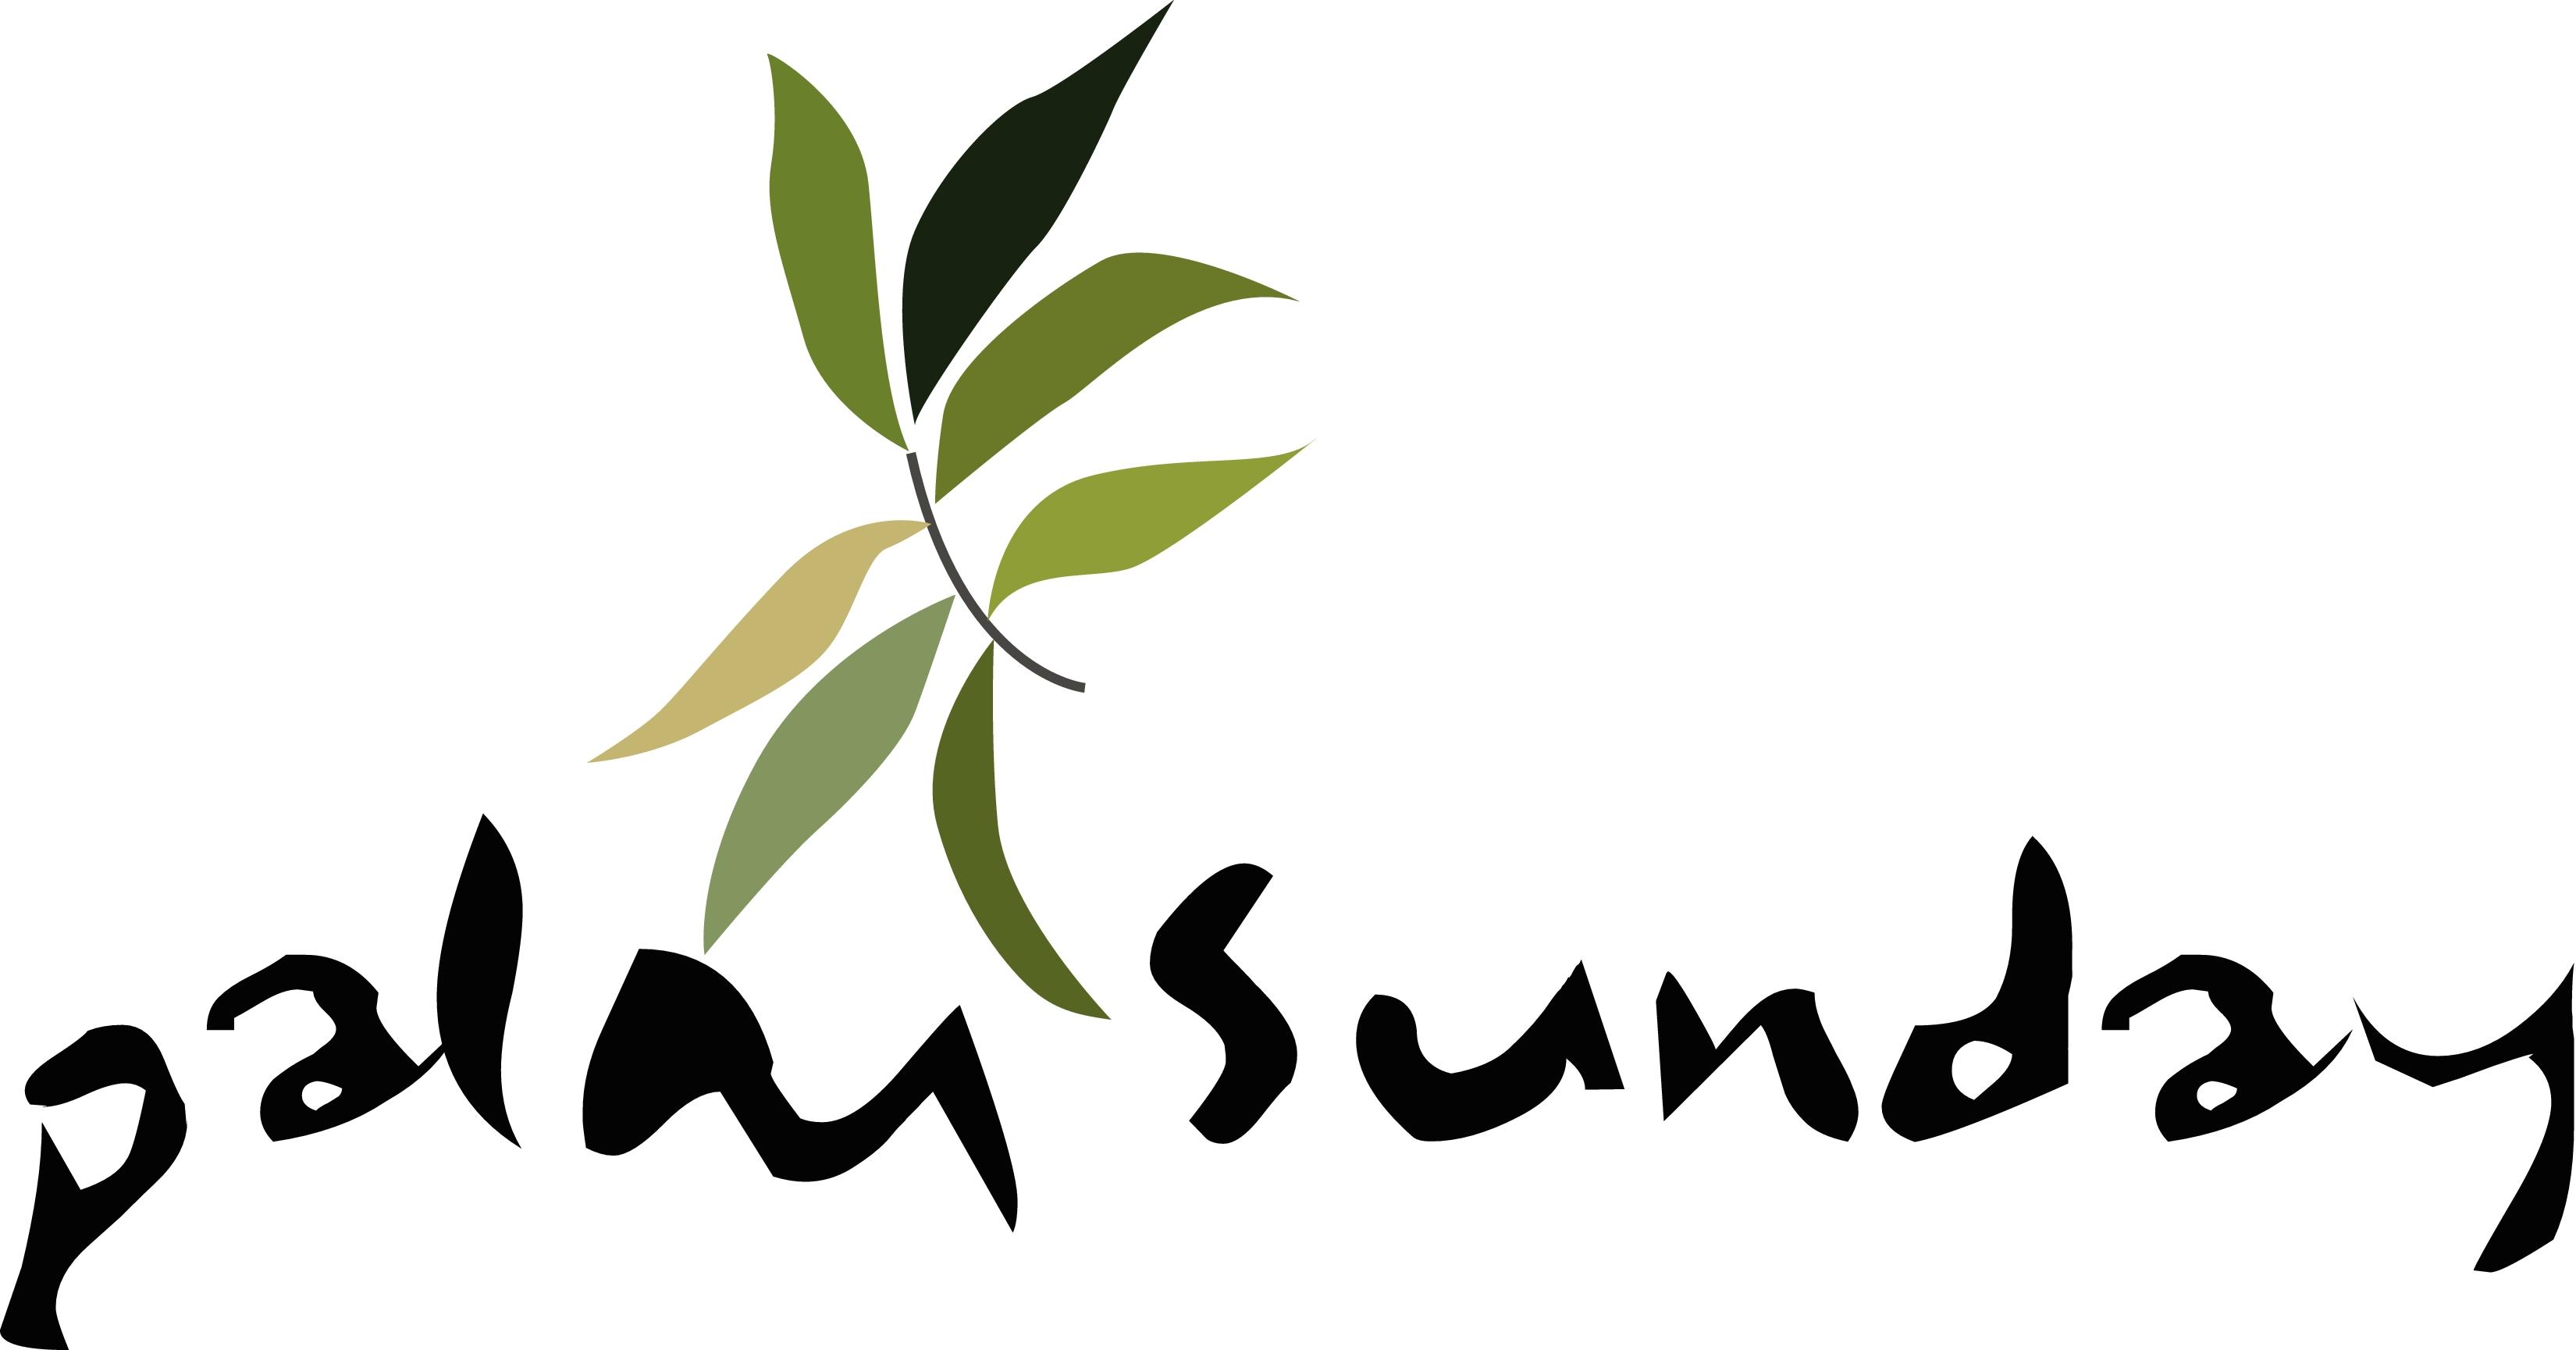 palm sunday art wallpaper rh askideas com free religious palm sunday clip art palm sunday clip art religious free